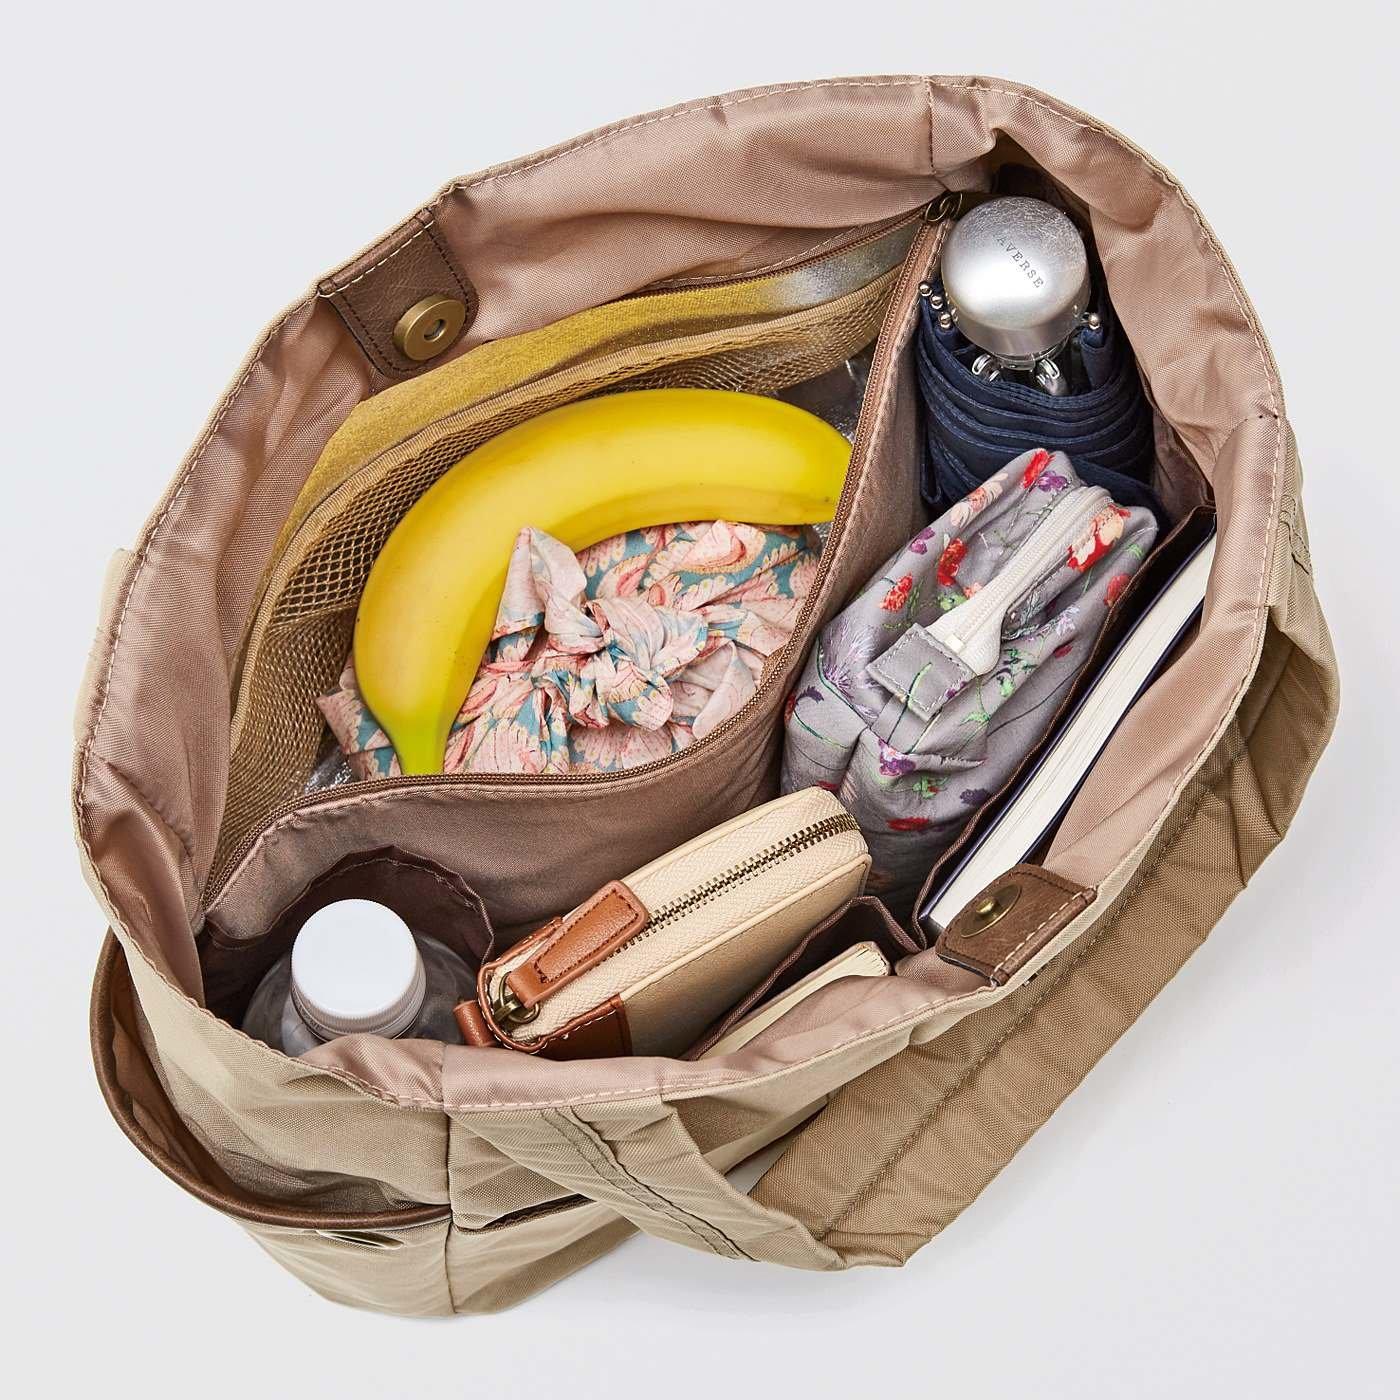 エッセイスト・整理収納アドバイザー 柳沢小実さんと作った お弁当派さんにうれしい 大容量の保冷ポケット付き整理整とん軽量トートバッグの会